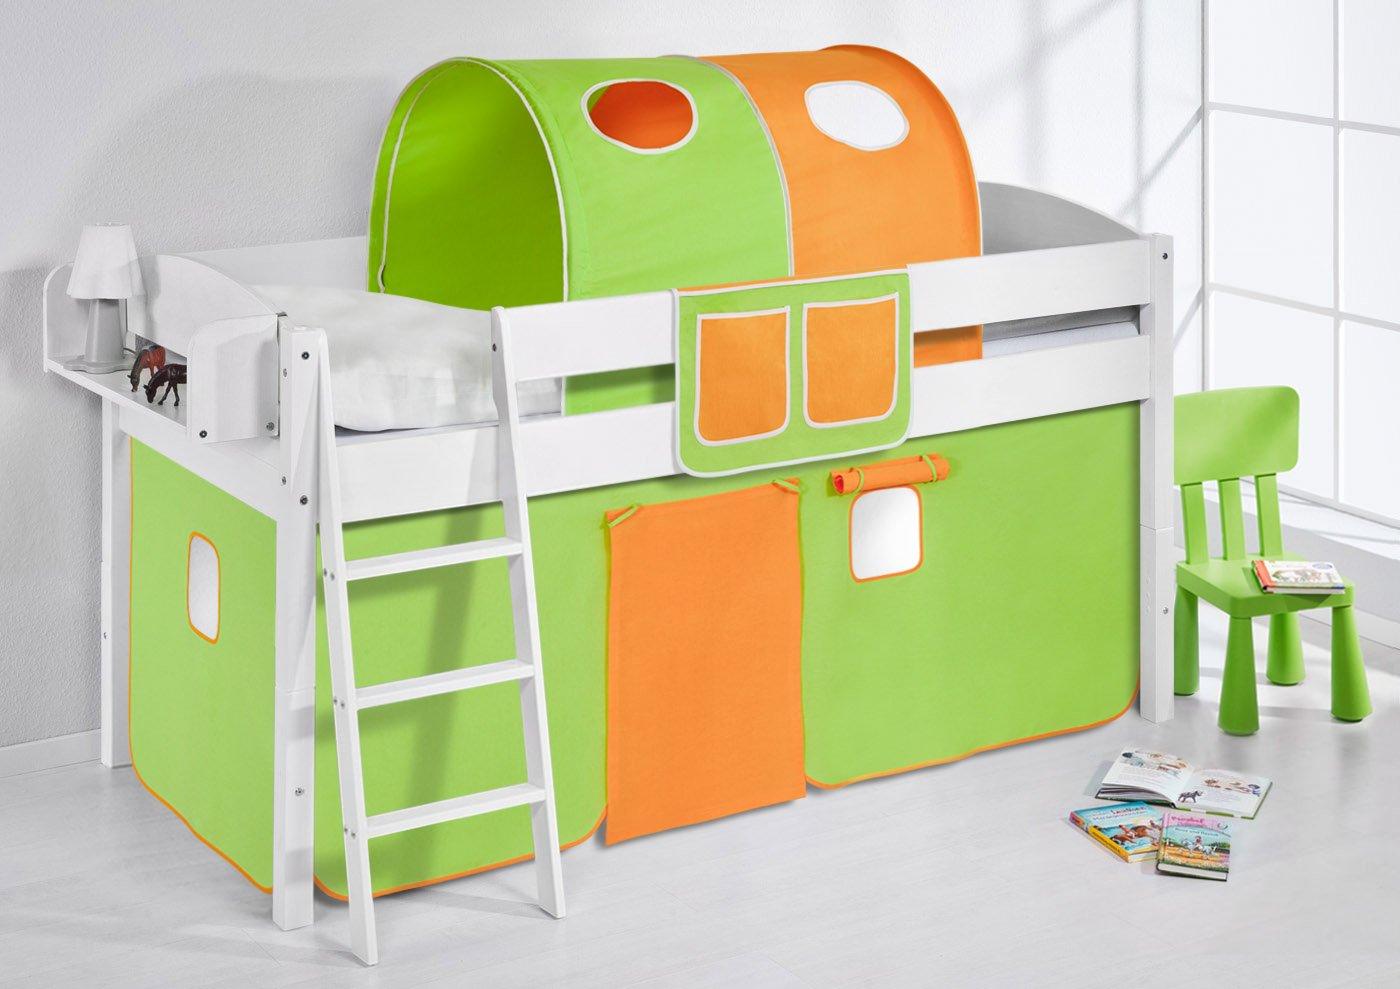 Spielbett IDA 4105 Grün Orange Lilokids Teilbares Systemhochbett LILOKIDS weiß mit Vorhang Orange-Grün Weiß kiefer günstig online kaufen